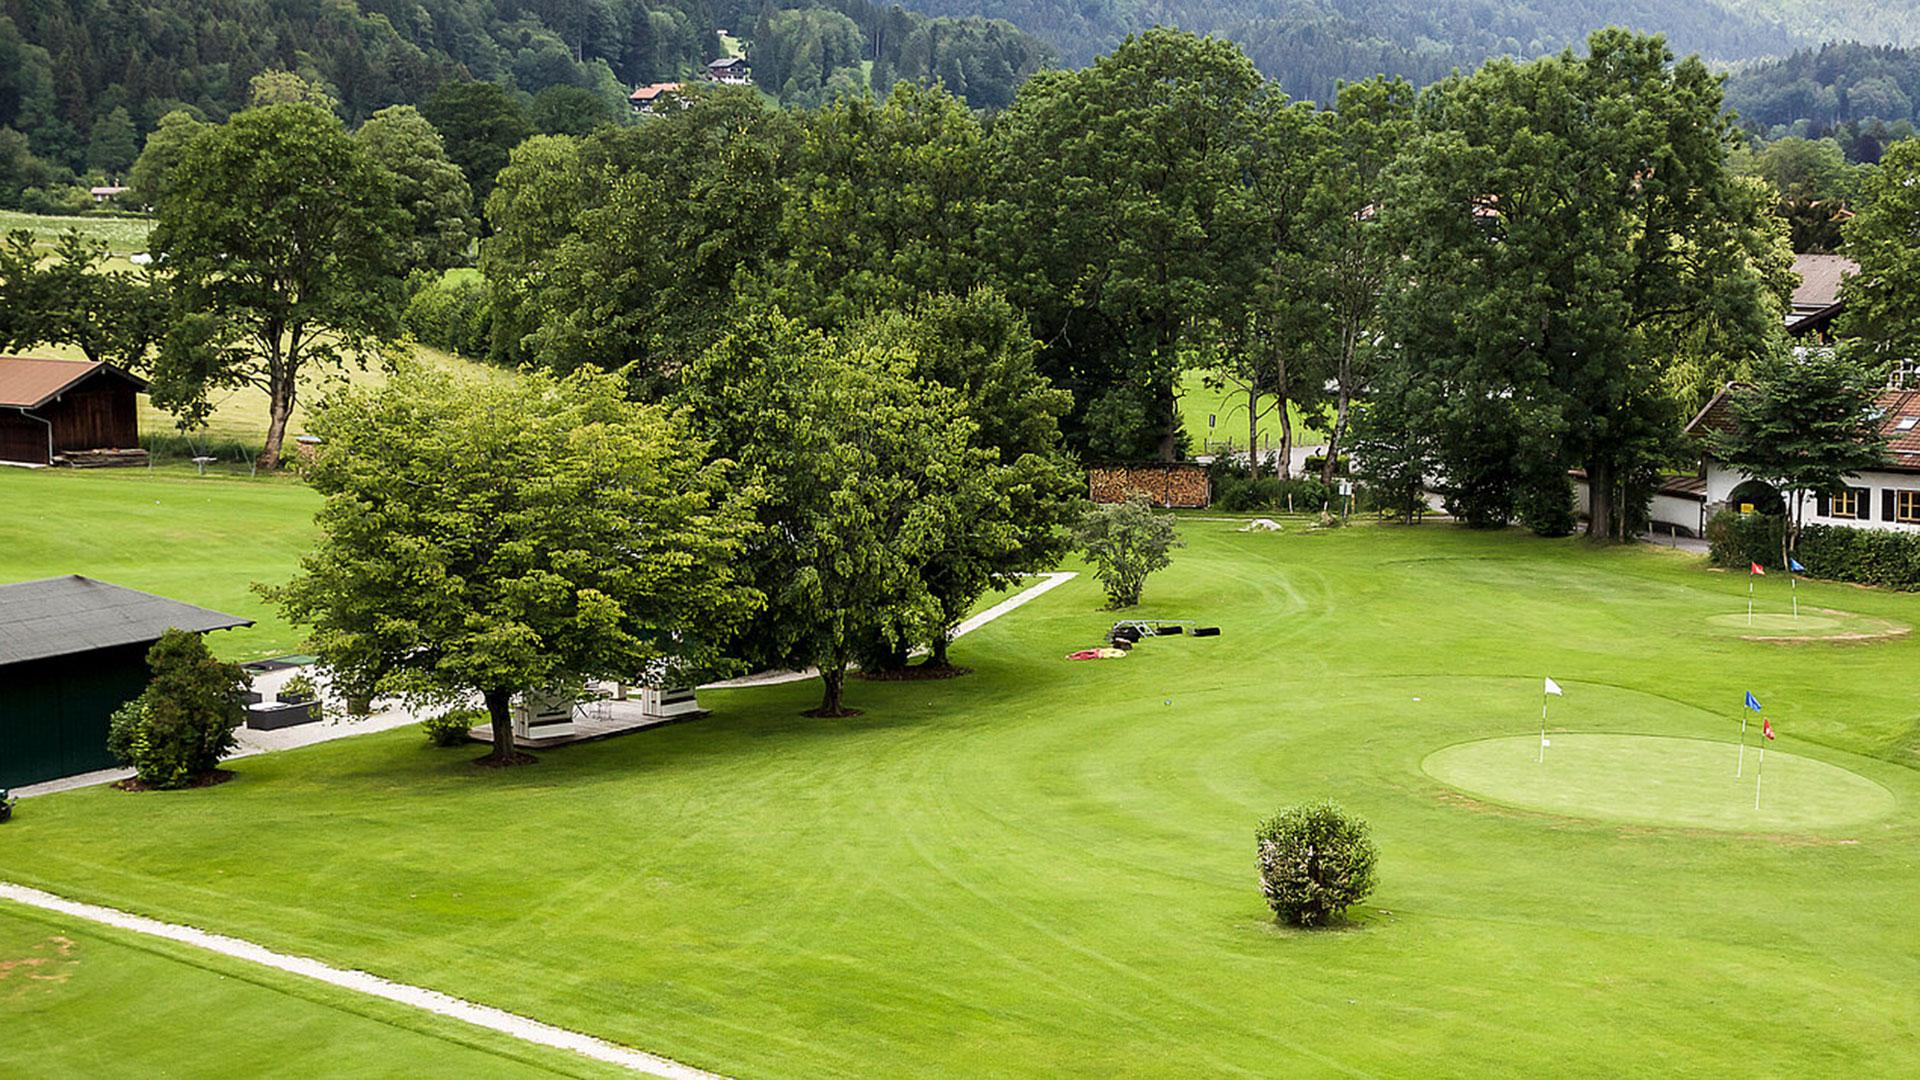 Golfen auf dem nahegelegenen Tegernseer Golf Club, Bad Wiessee. Luxusreisen